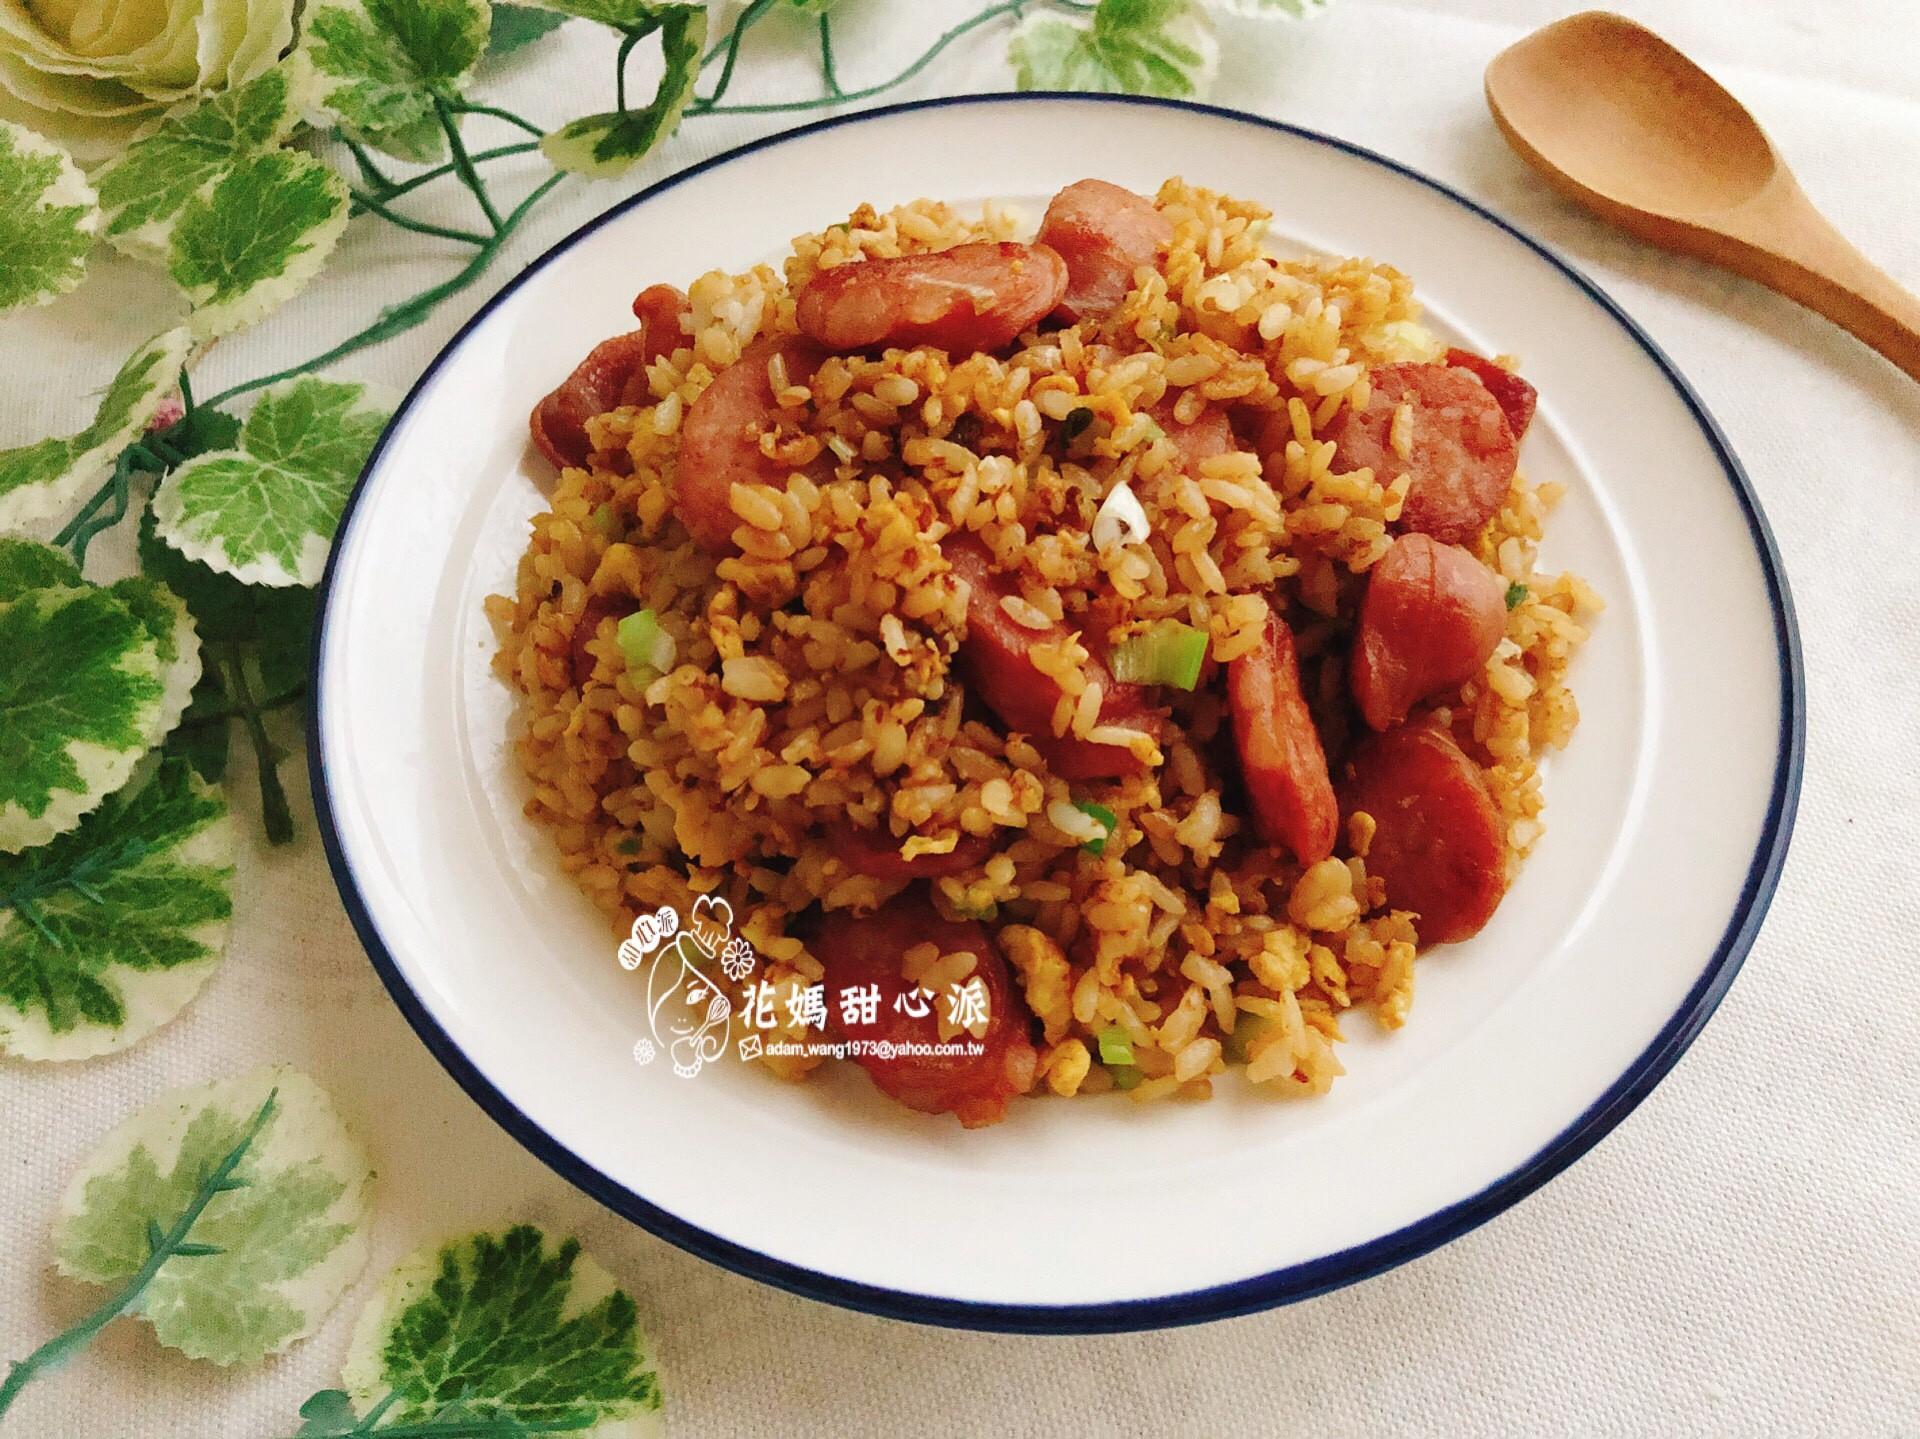 醬味香腸炒飯(主食料理)